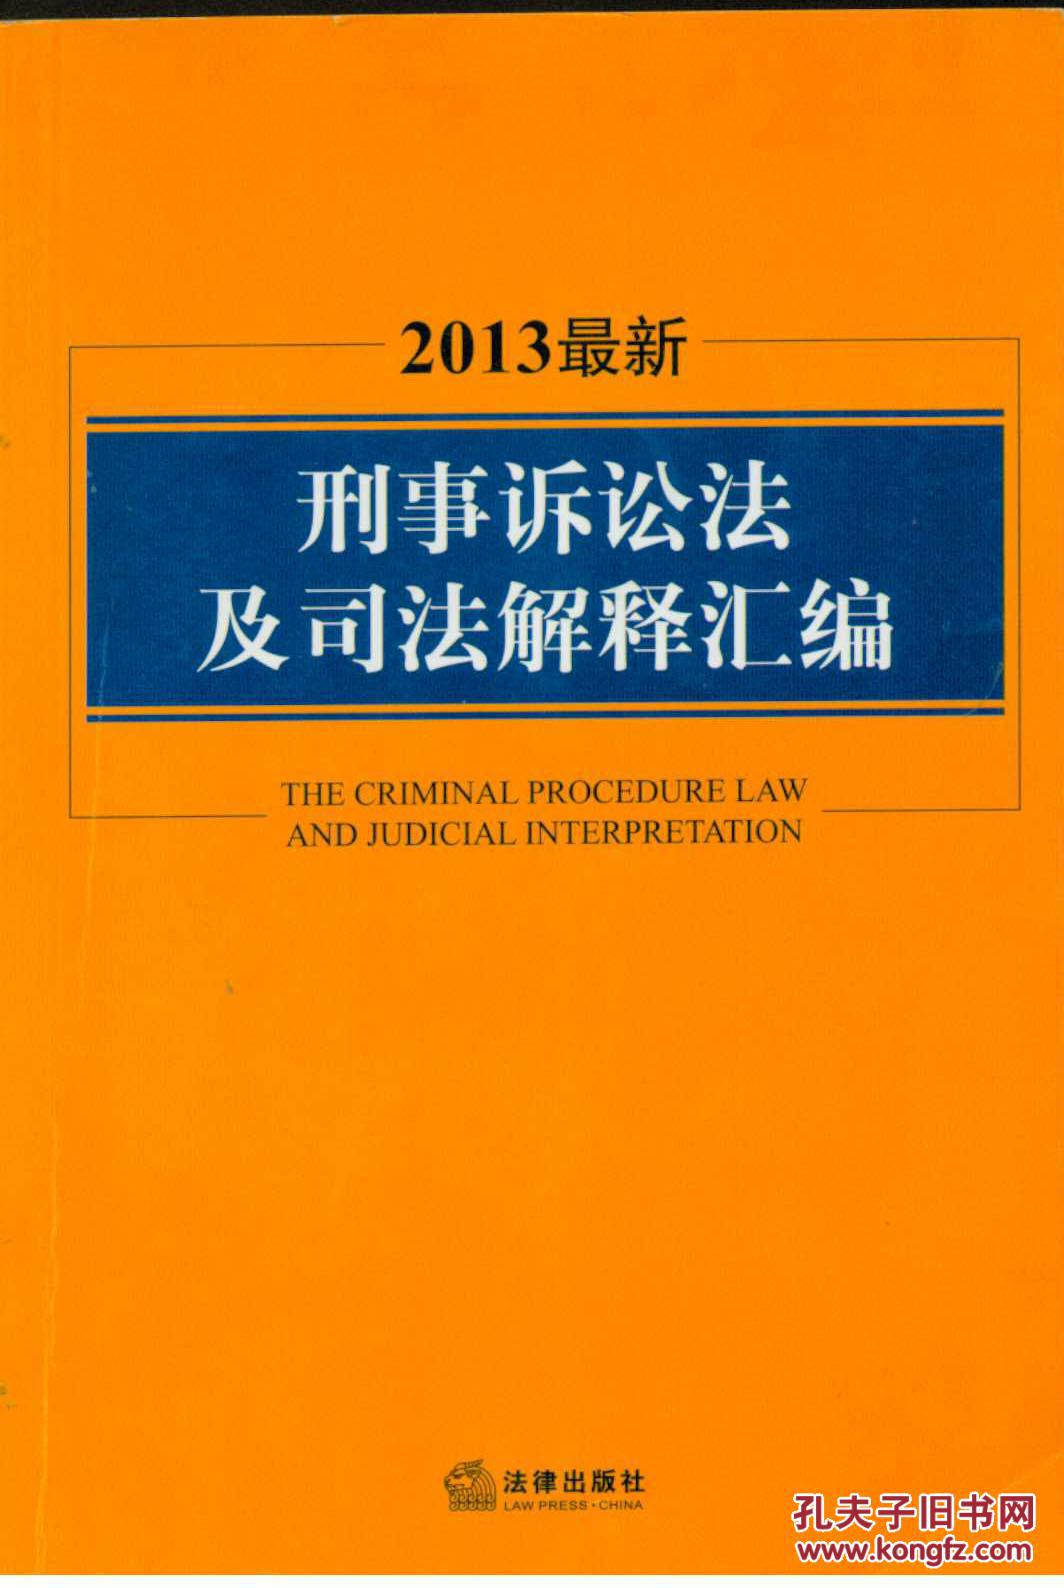 【图】2013最新刑事诉讼法及司法解释汇编_价